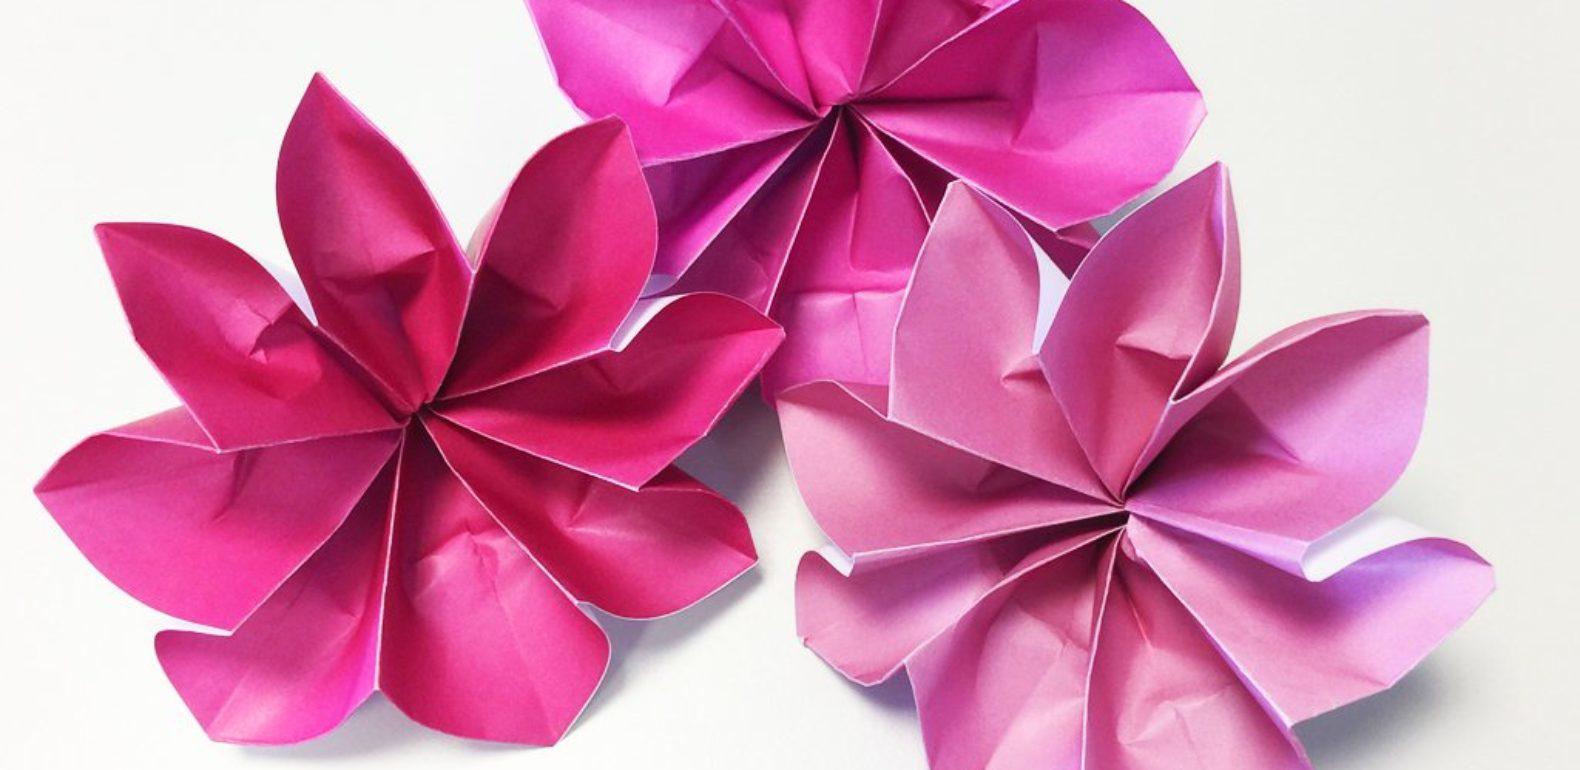 Exceptionnel Célébrez la fête des mères en offrant cette fleur en origami - A.Vogel ZP52